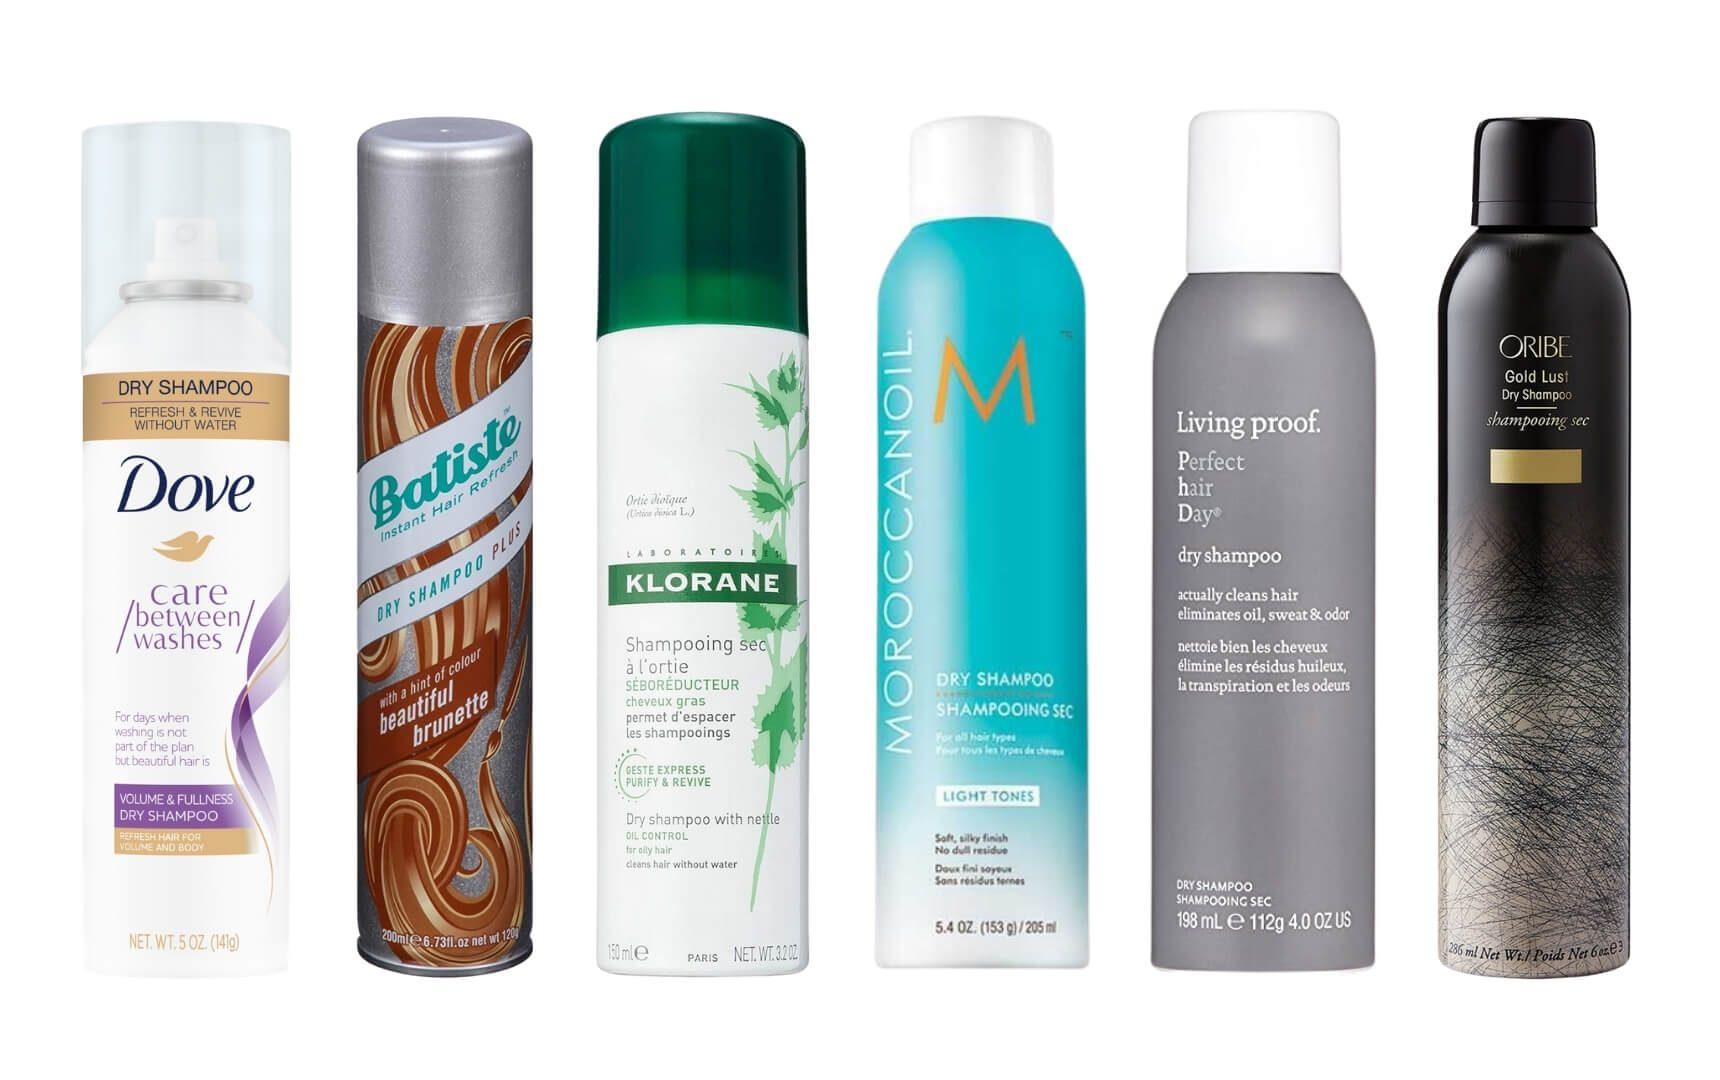 miglior-shampoo-secco